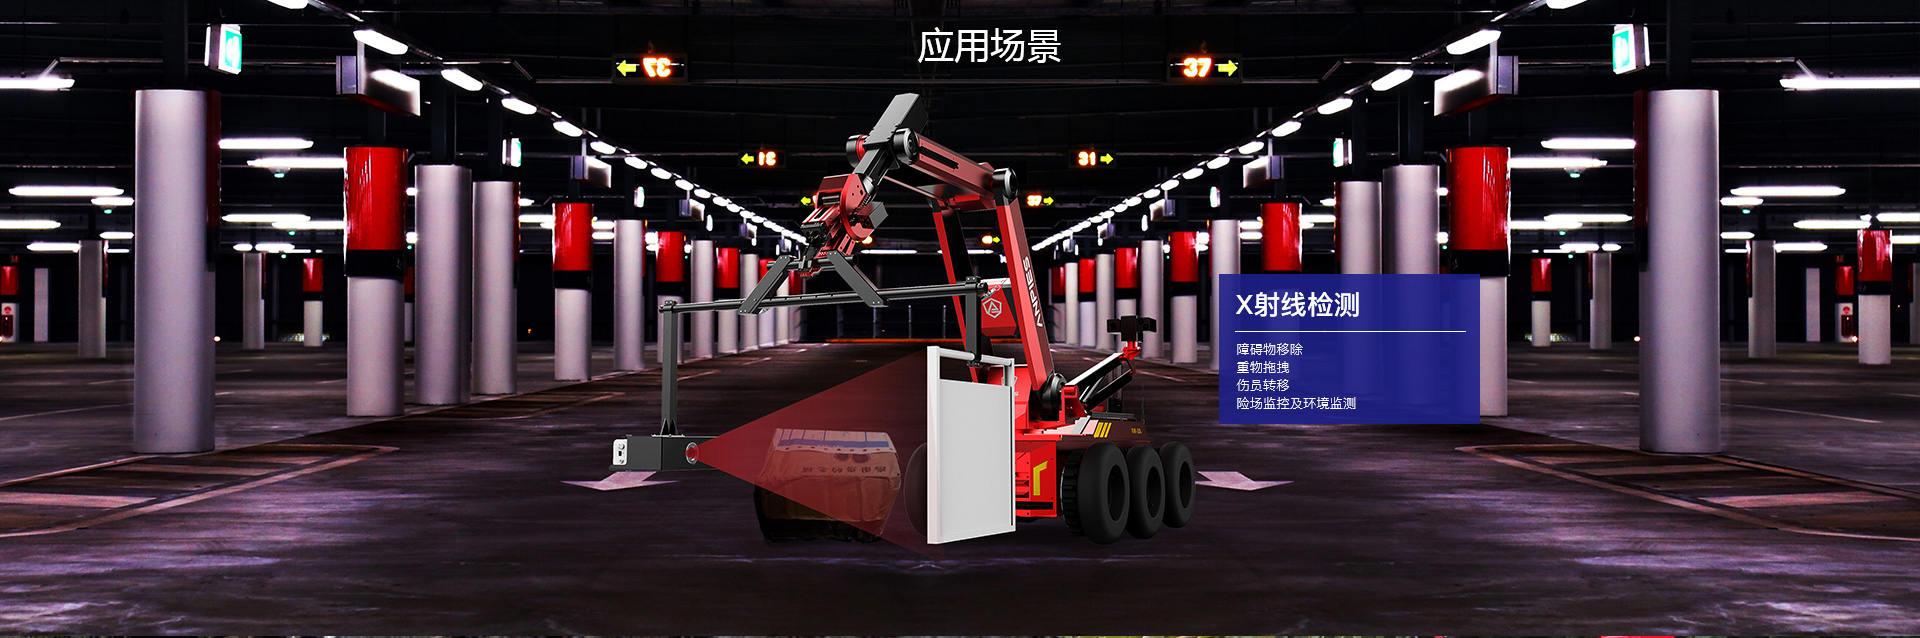 MR-5X型 智能X射线排爆侦测机器人